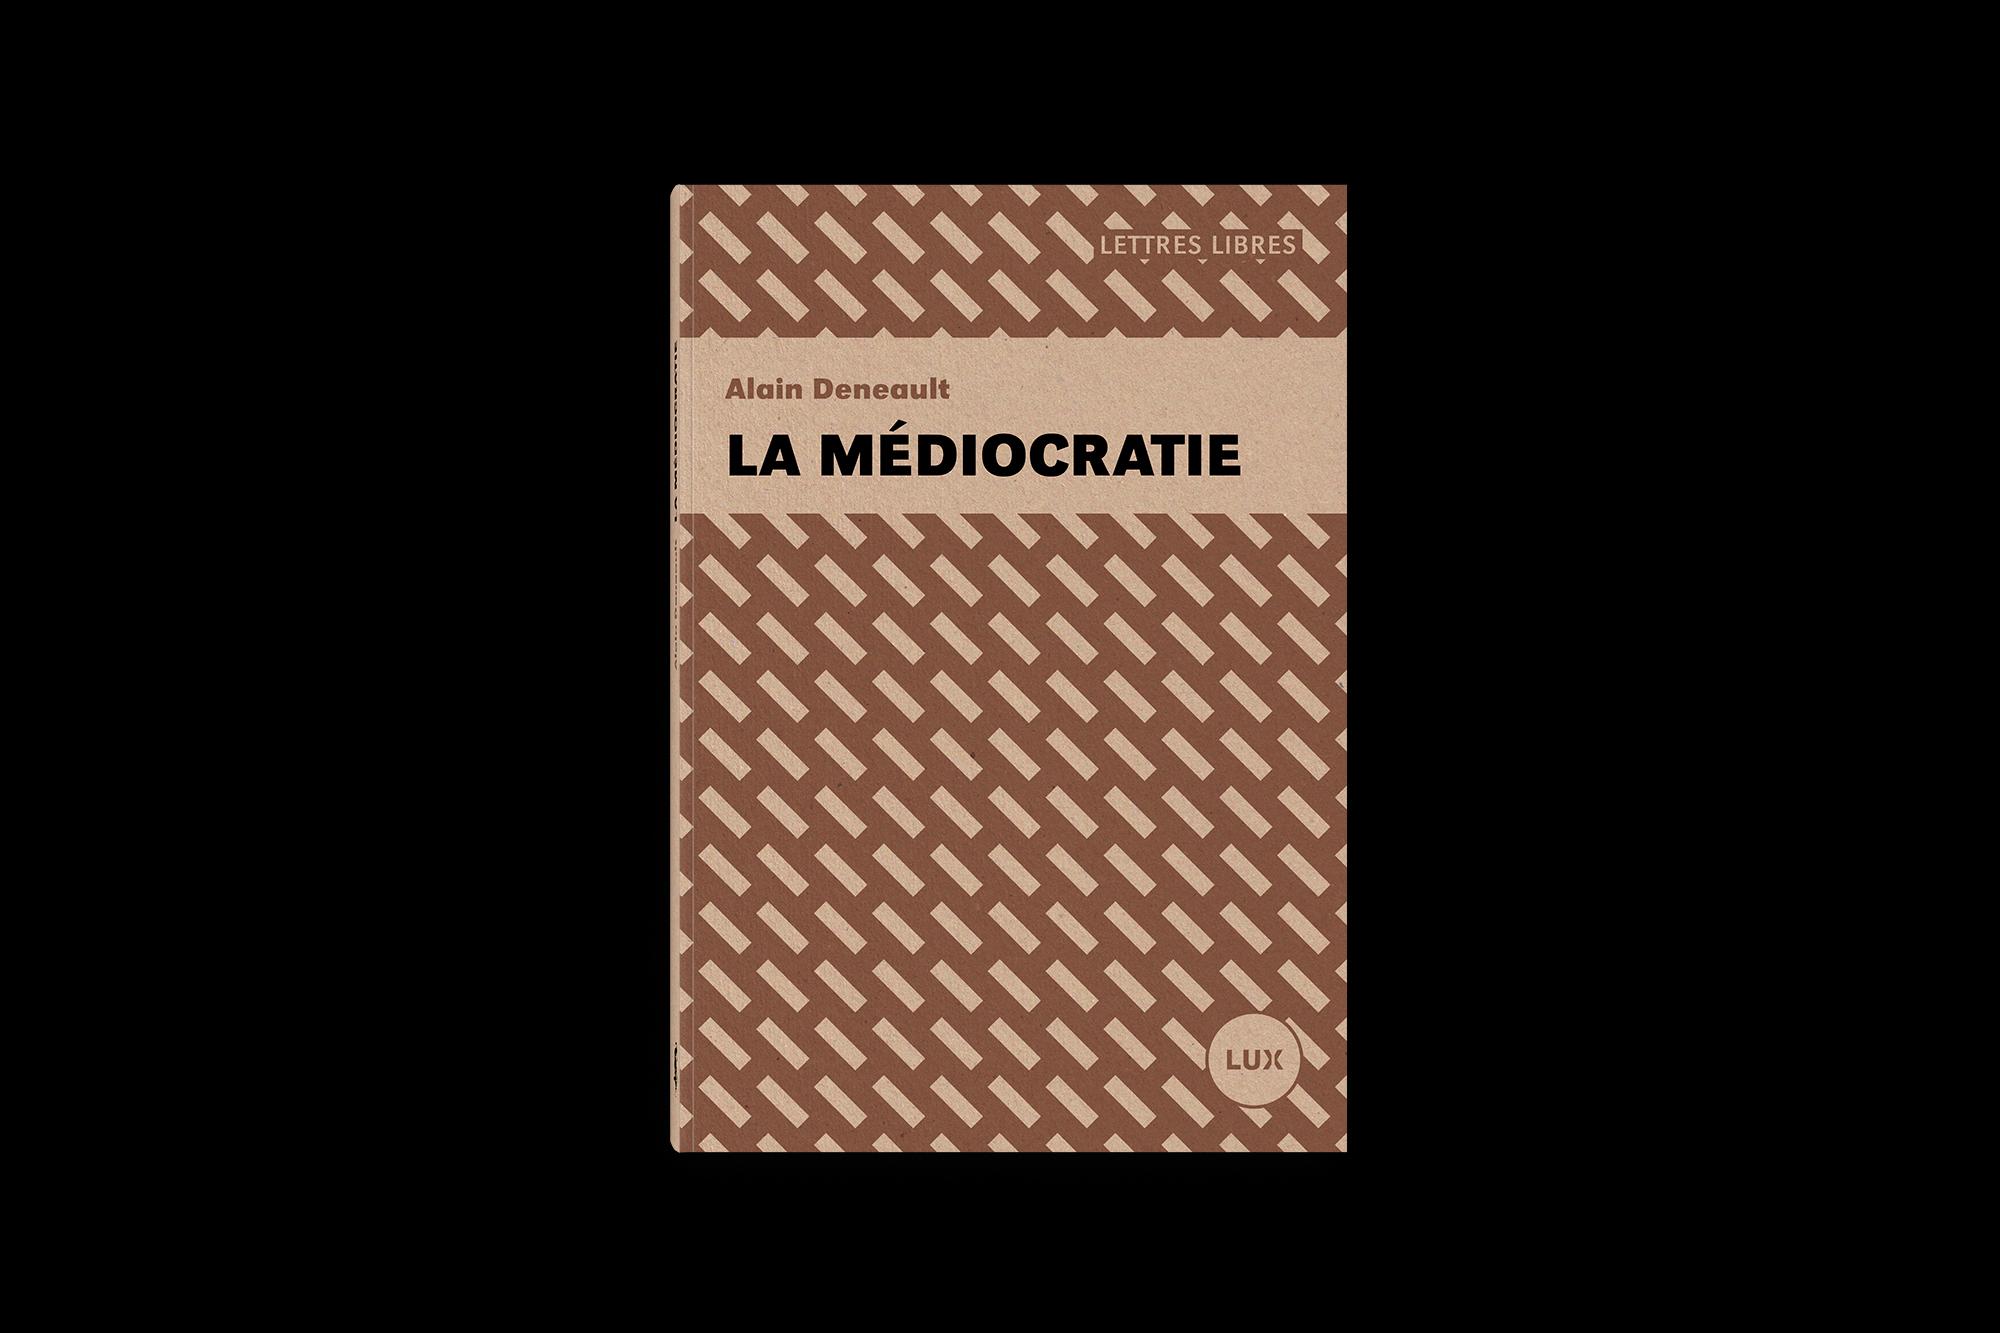 Lettres-libres-mockup-Mediocrite